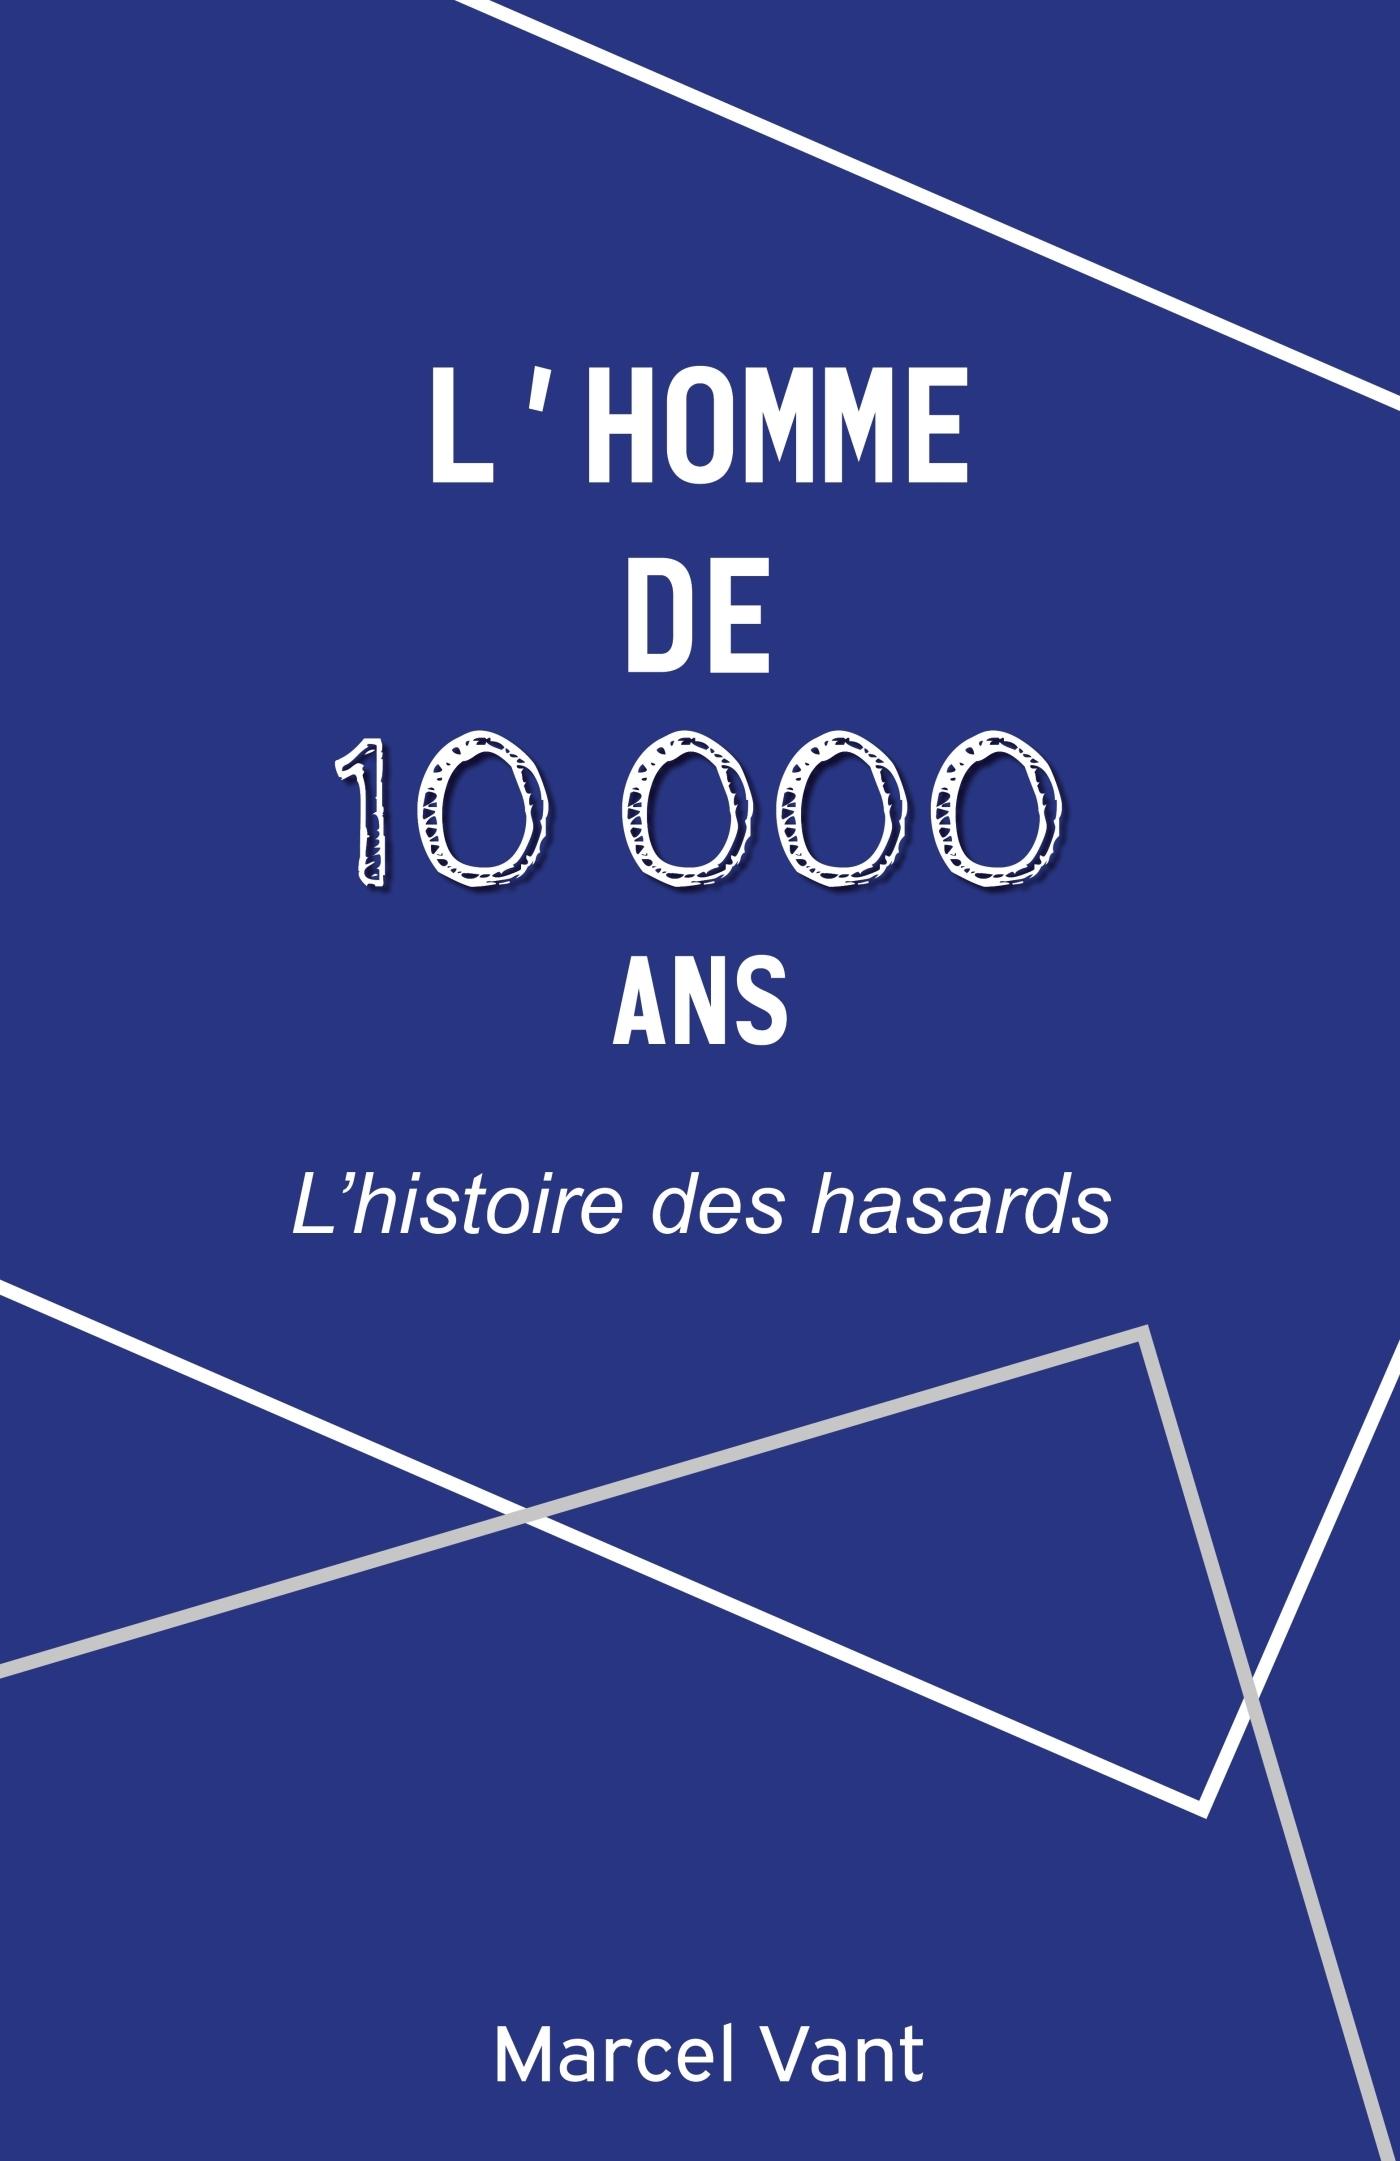 L'HOMME DE 10 000 ANS - L'HISTOIRE DES HASARDS